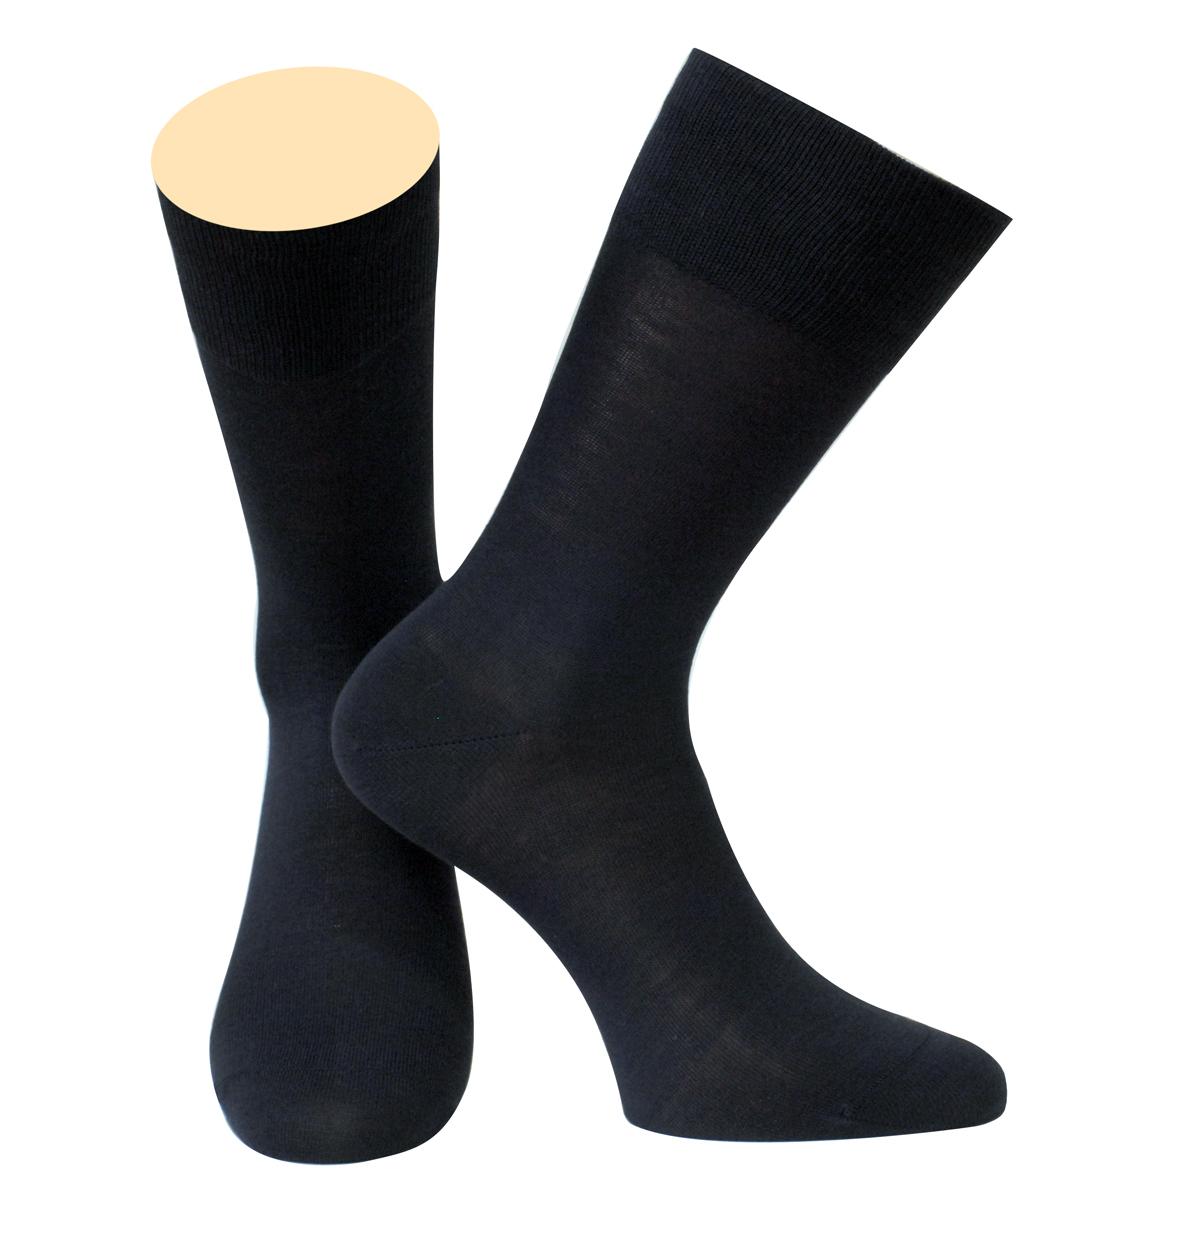 Носки мужские Collonil, цвет: черный. 142/01. Размер 39-41142/01Мужские носки Collonil изготовлены из мерсеризованного хлопка.Носки с удлиненным паголенком. Широкая резинка не сдавливает и комфортно облегает ногу.